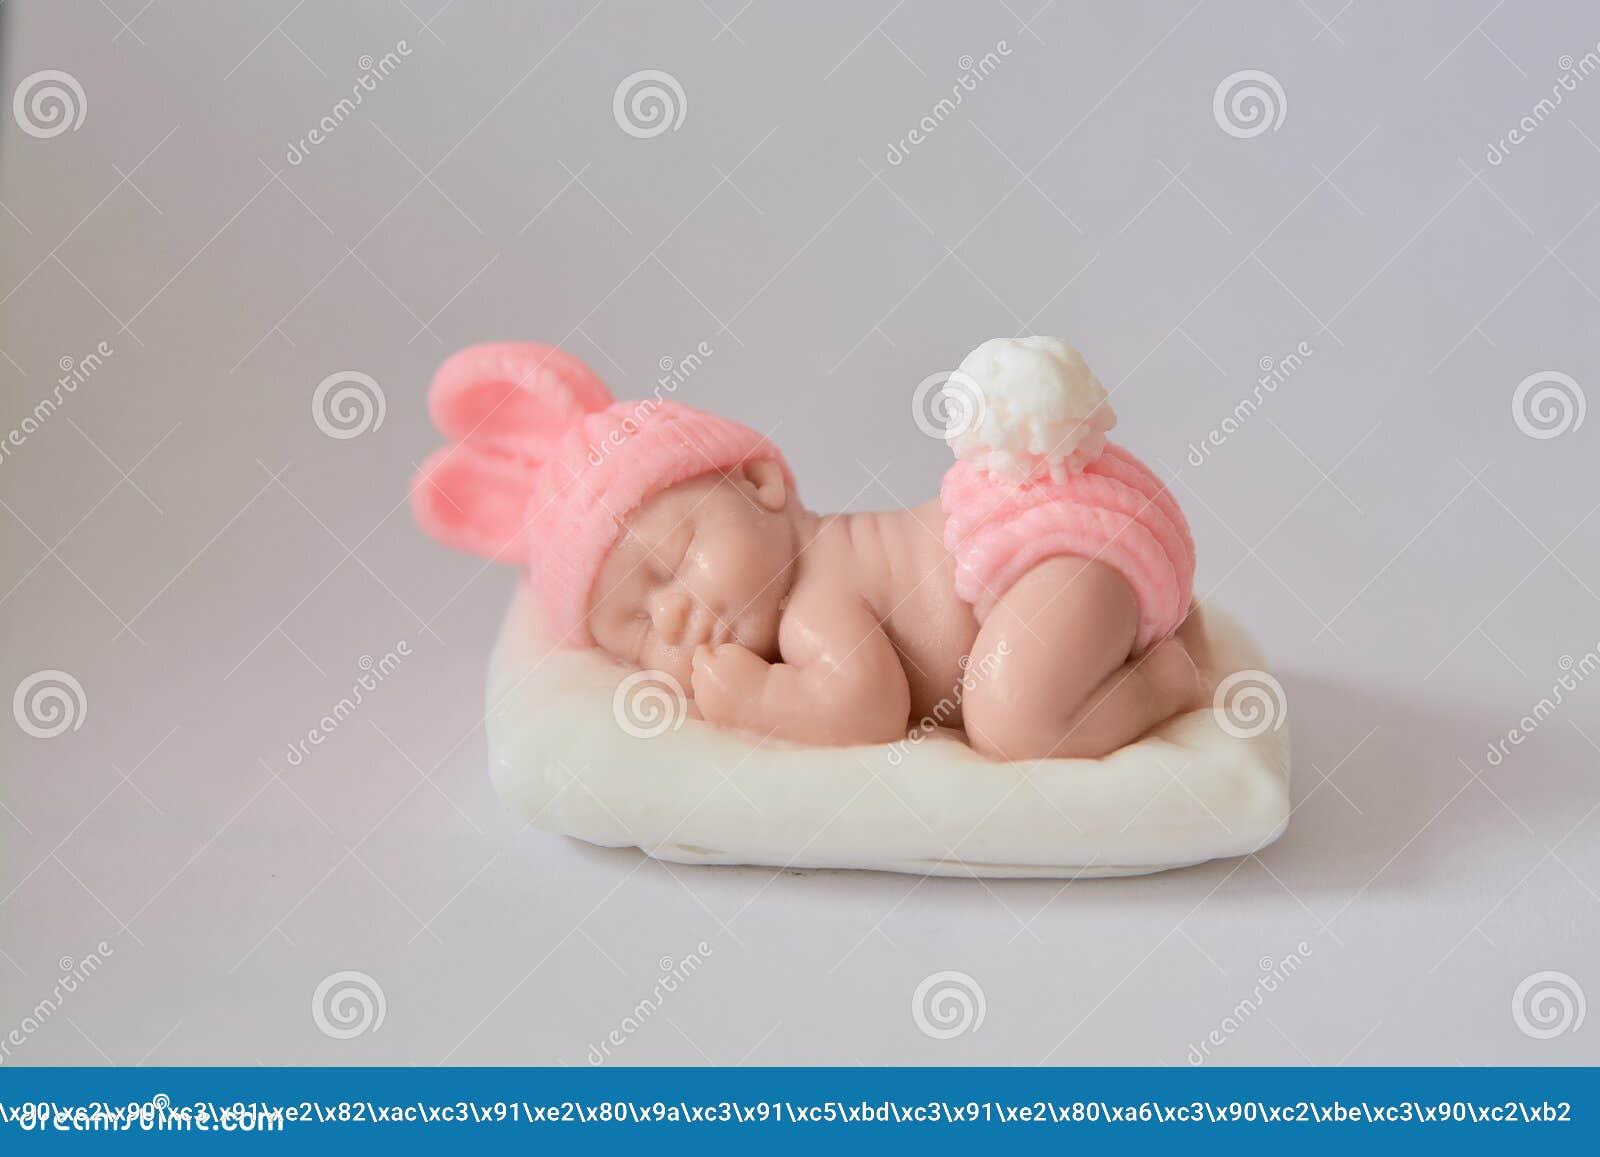 Presente do sabão sob a forma de um bebê recém-nascido